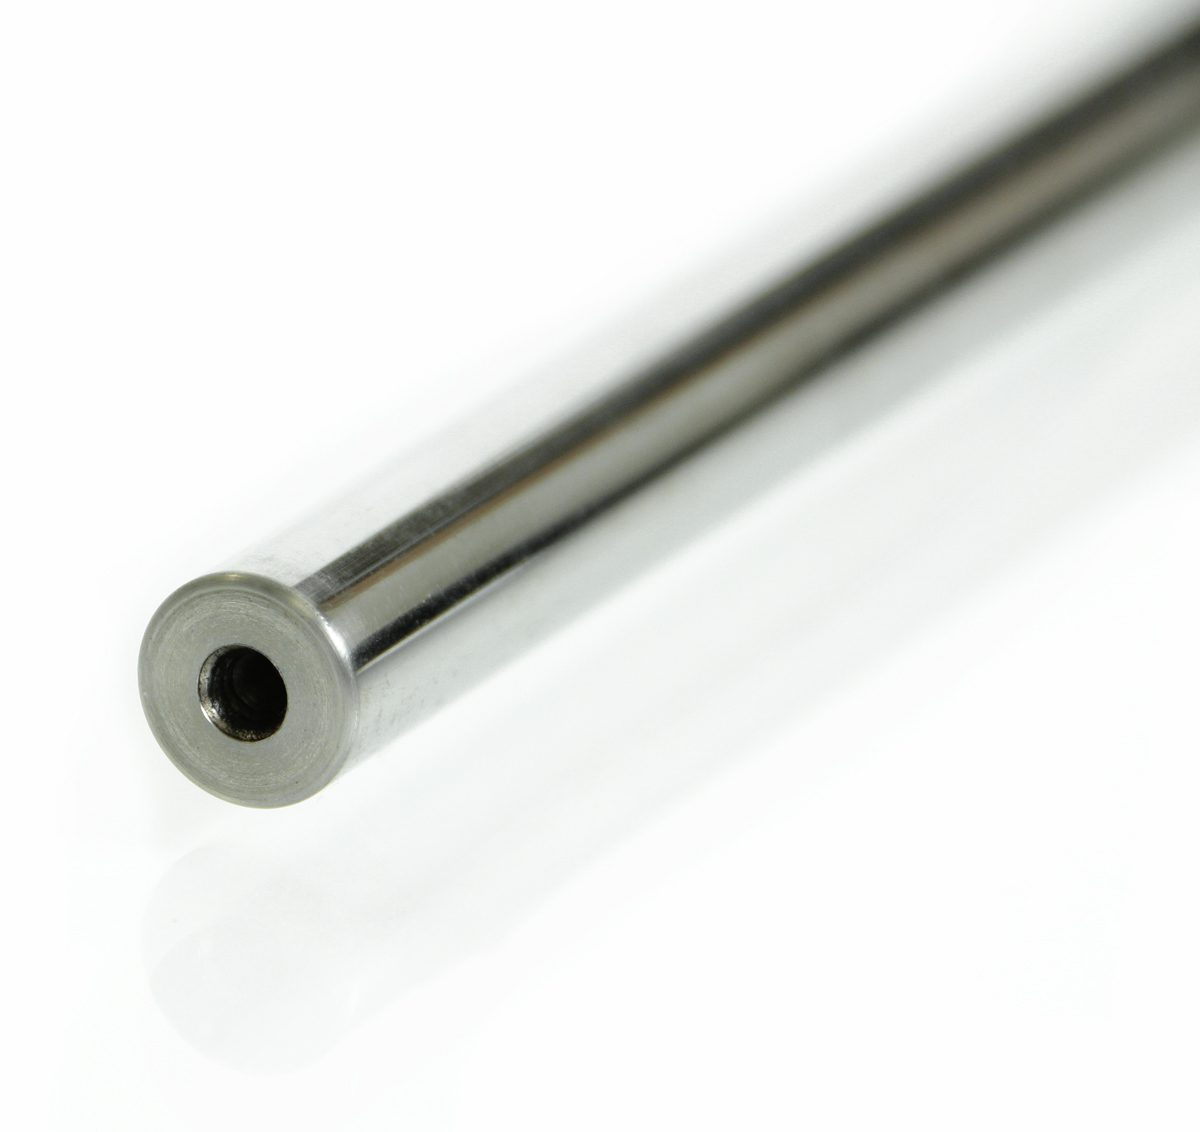 jupiter flute head mandrel 1